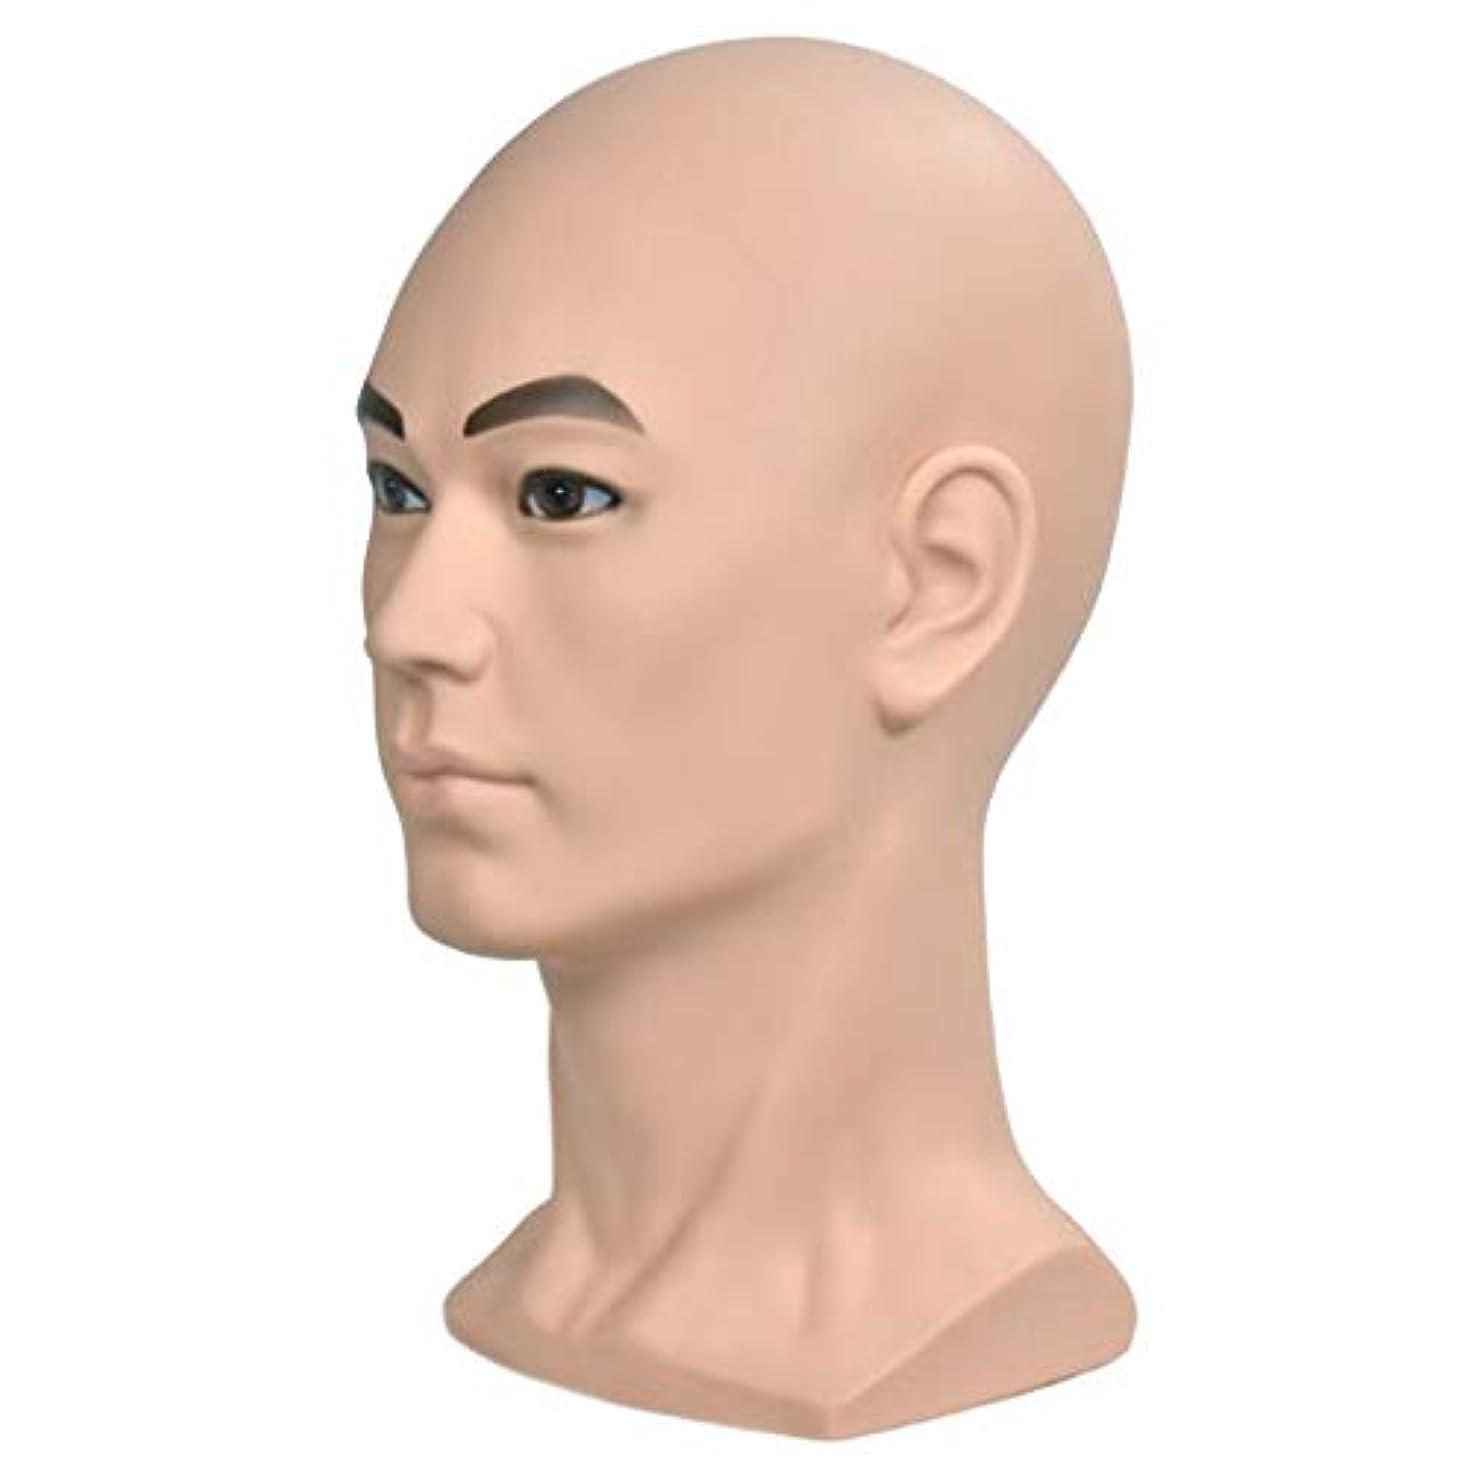 伝導率曇ったメロドラマInjoyo マネキンヘッド 男性 ヘッドモデル メイク 化粧練習 ウィッグ かつら ディスプレイ ホルダー